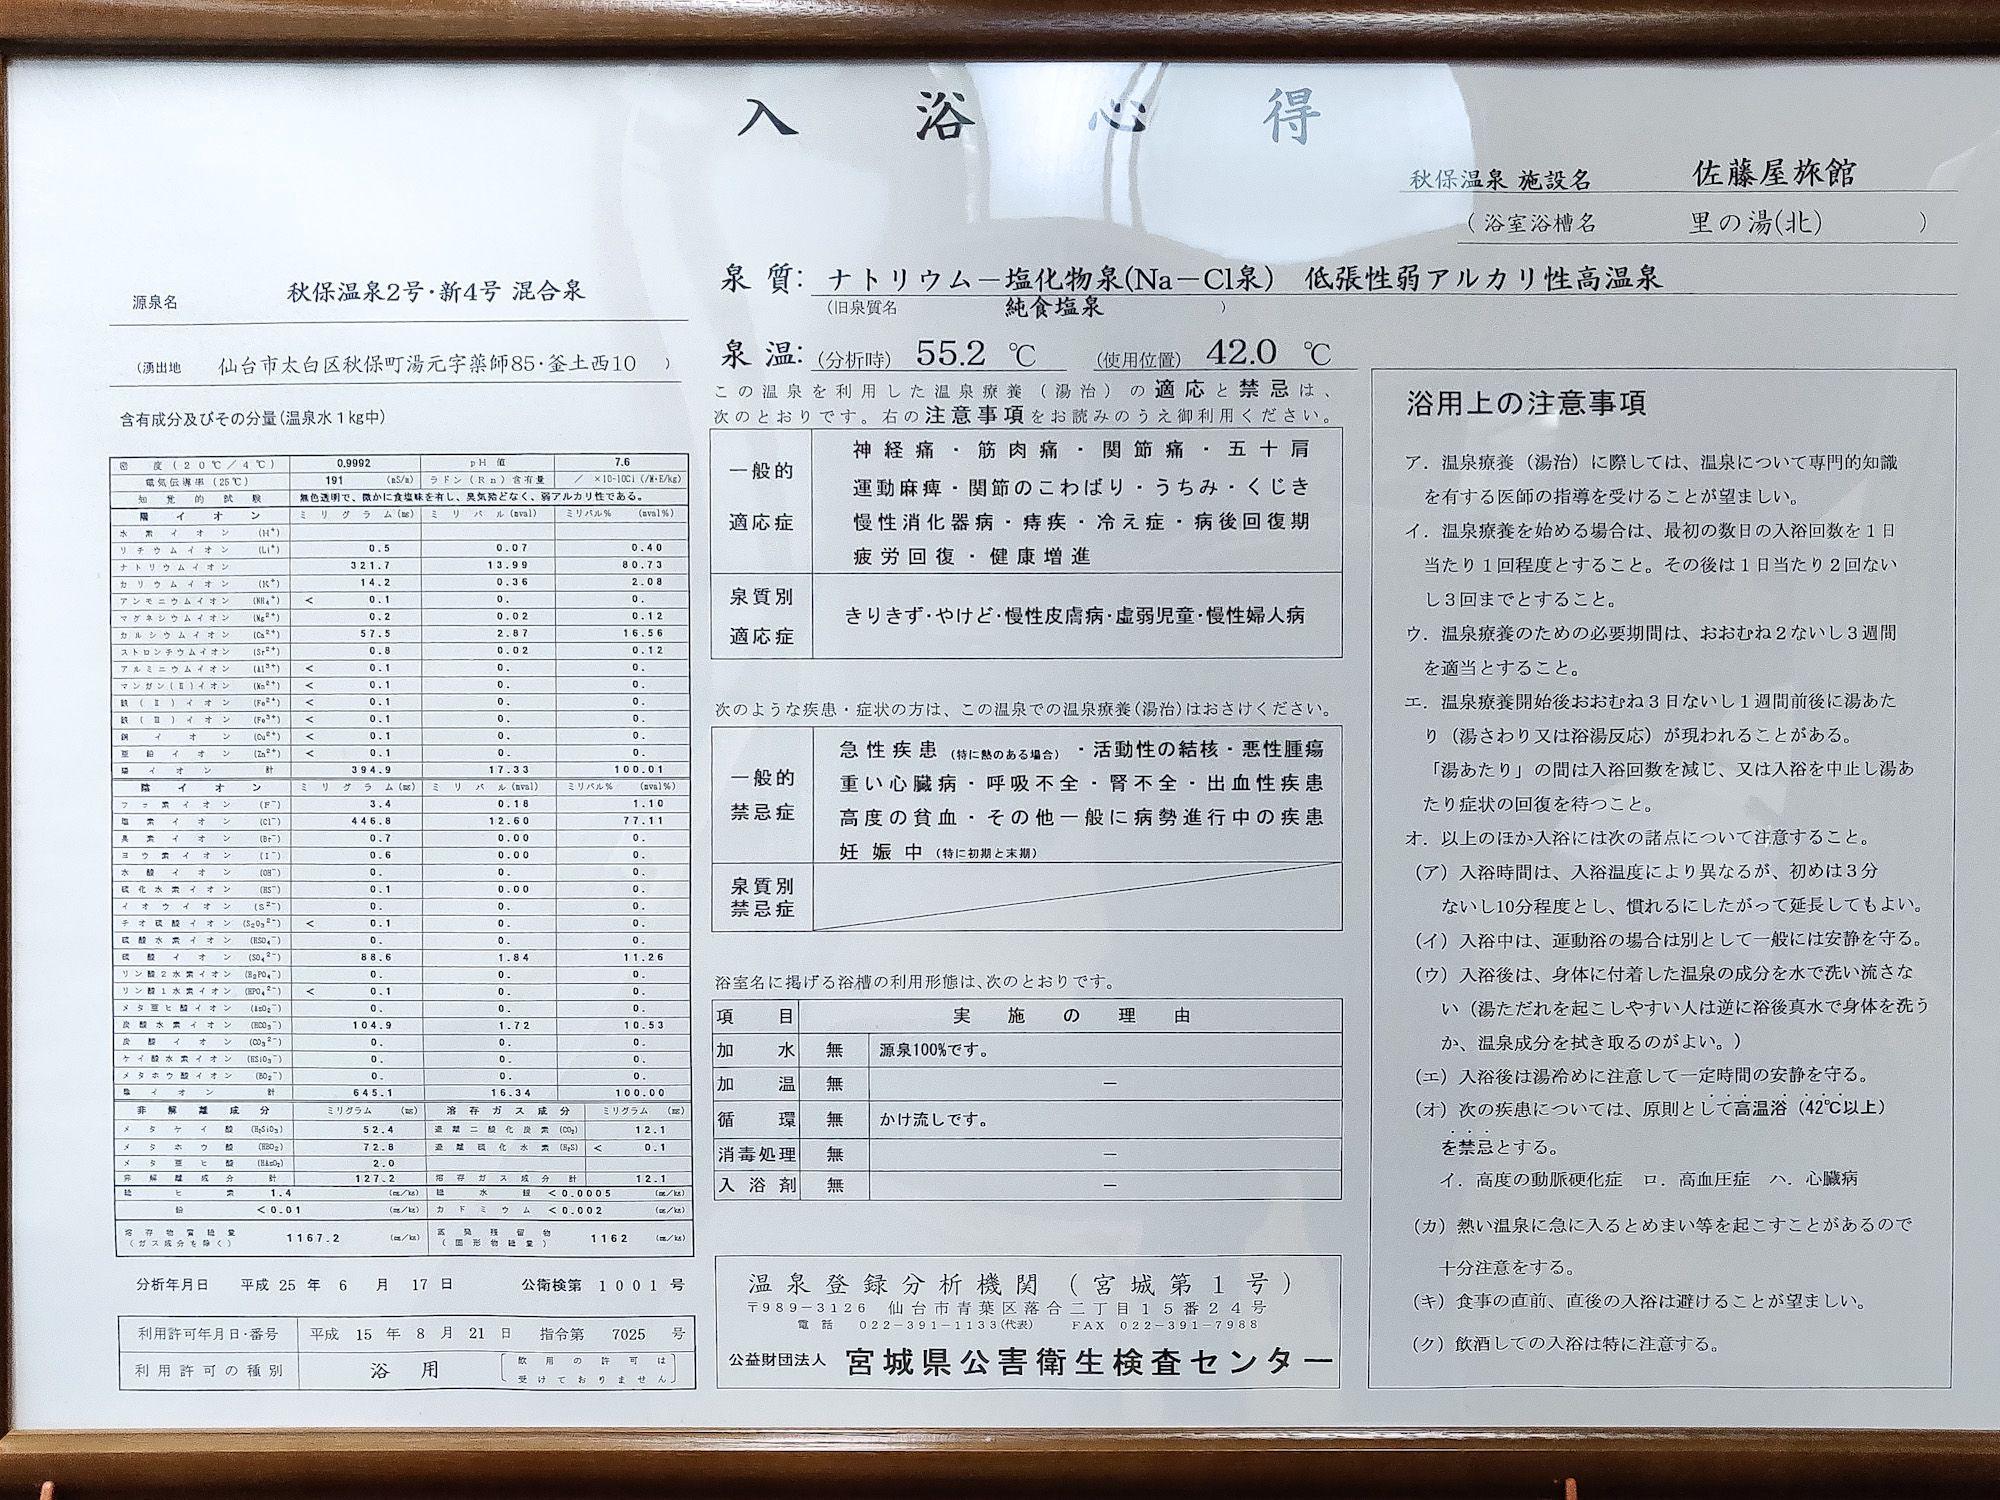 秋保温泉 佐藤屋旅館 温泉分析書